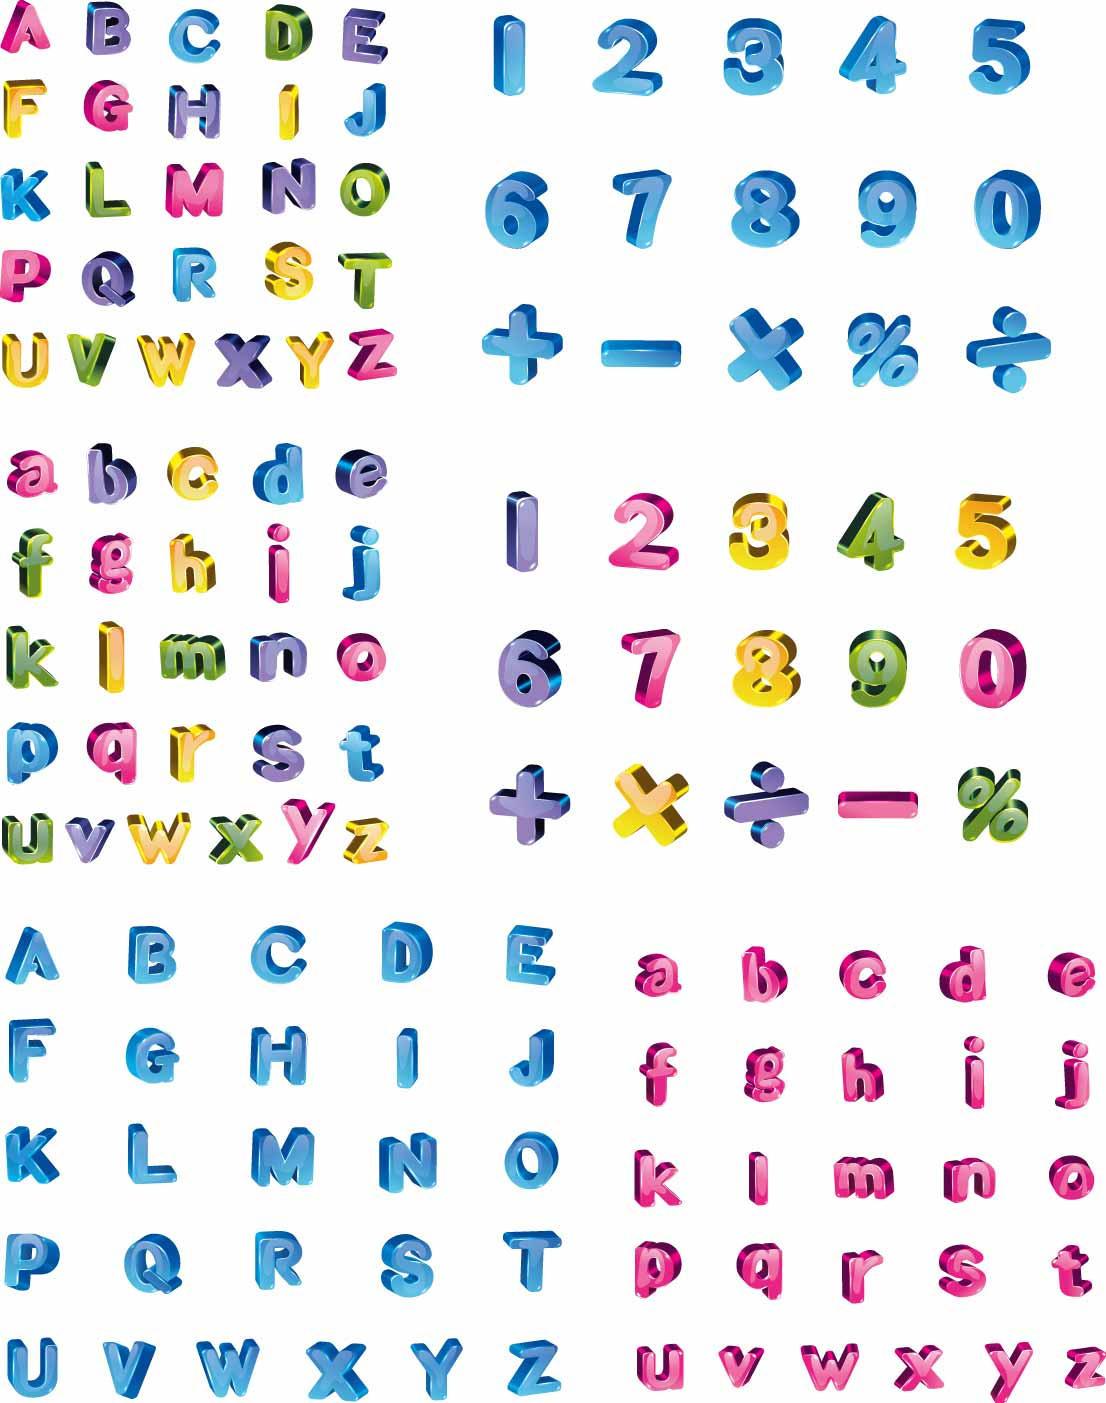 Letras 3D AI by GianFerdinand